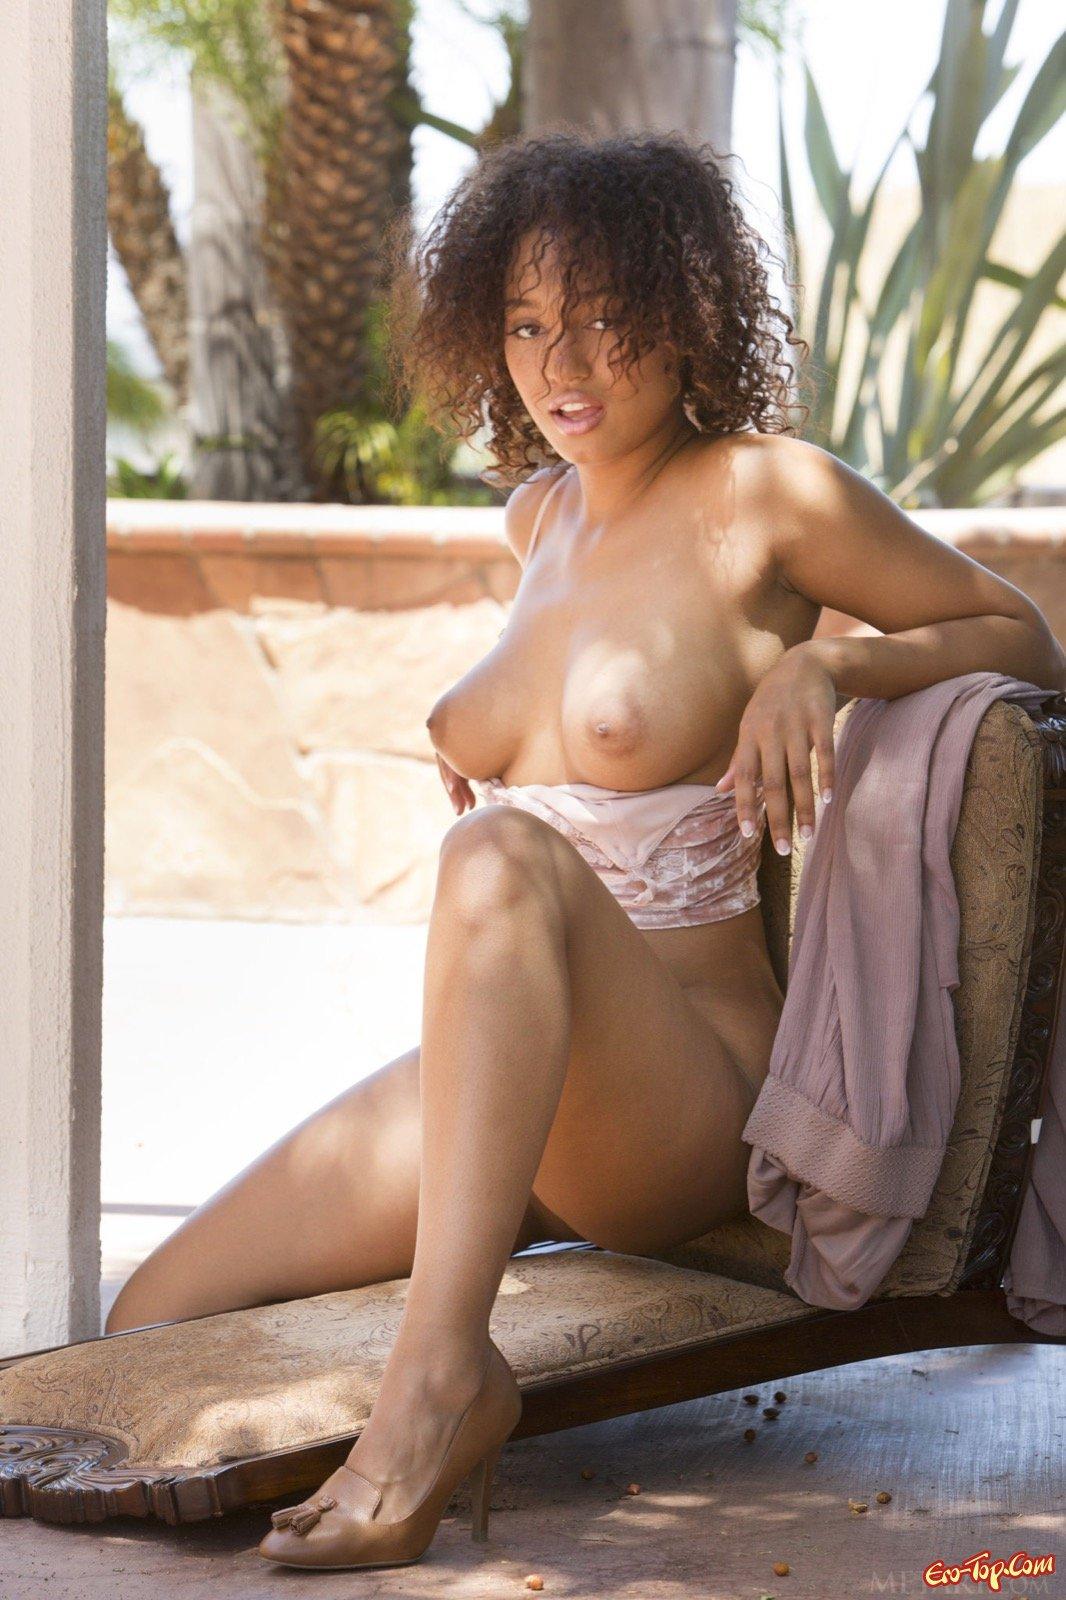 Негритянка разделась показав натуральную грудь